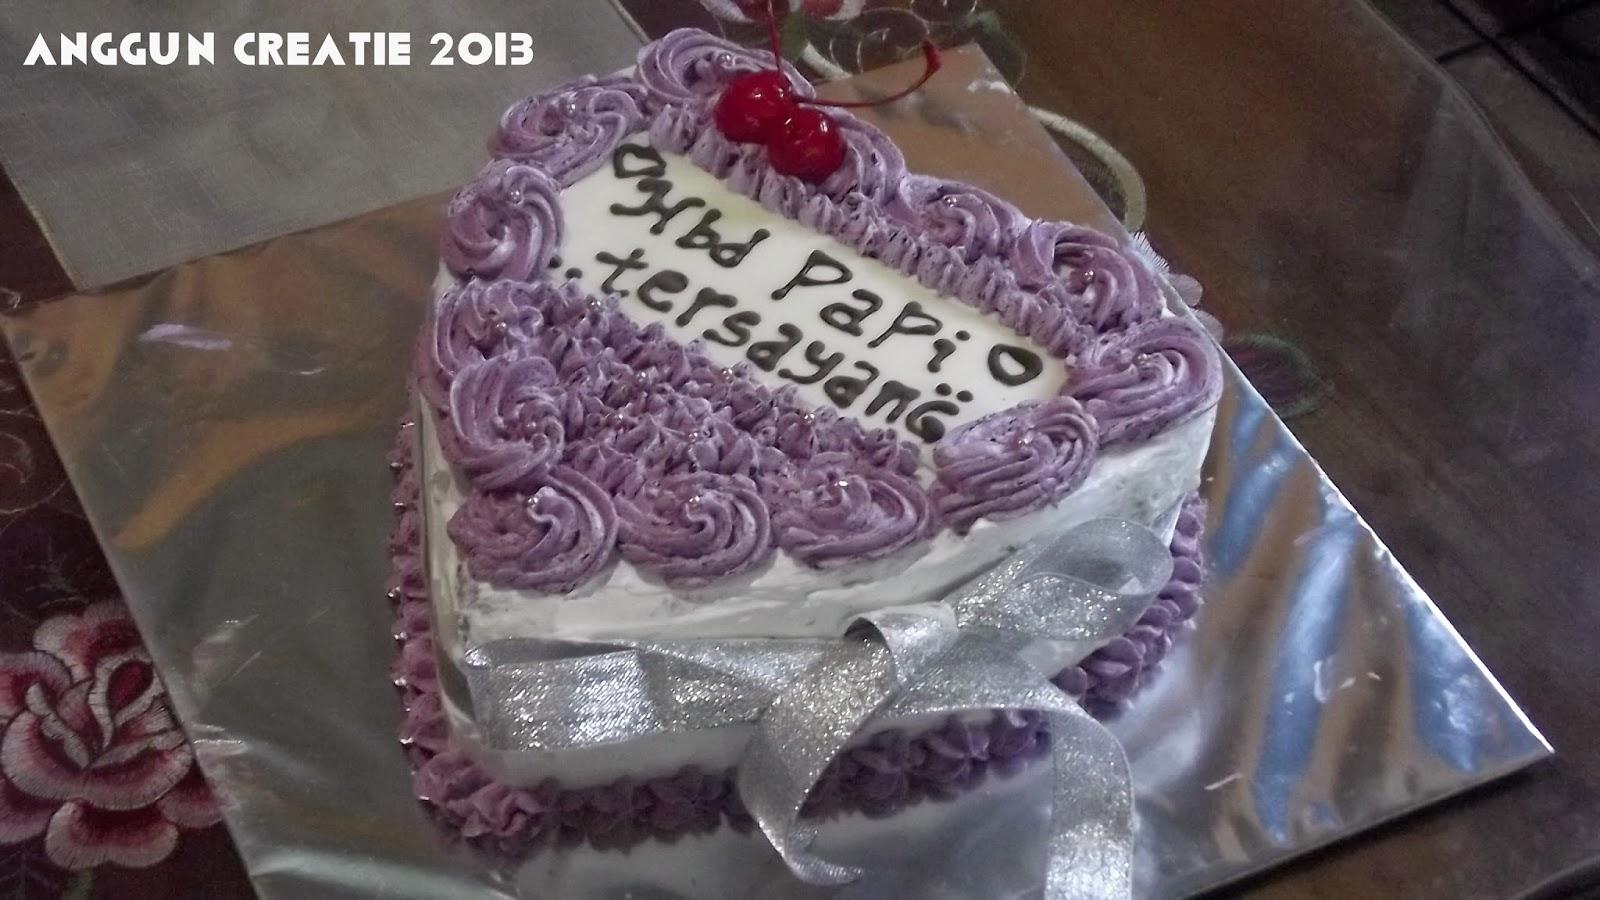 Kuliner Lampung Cake Kue Kue Kering Terima Pesanan Lampung